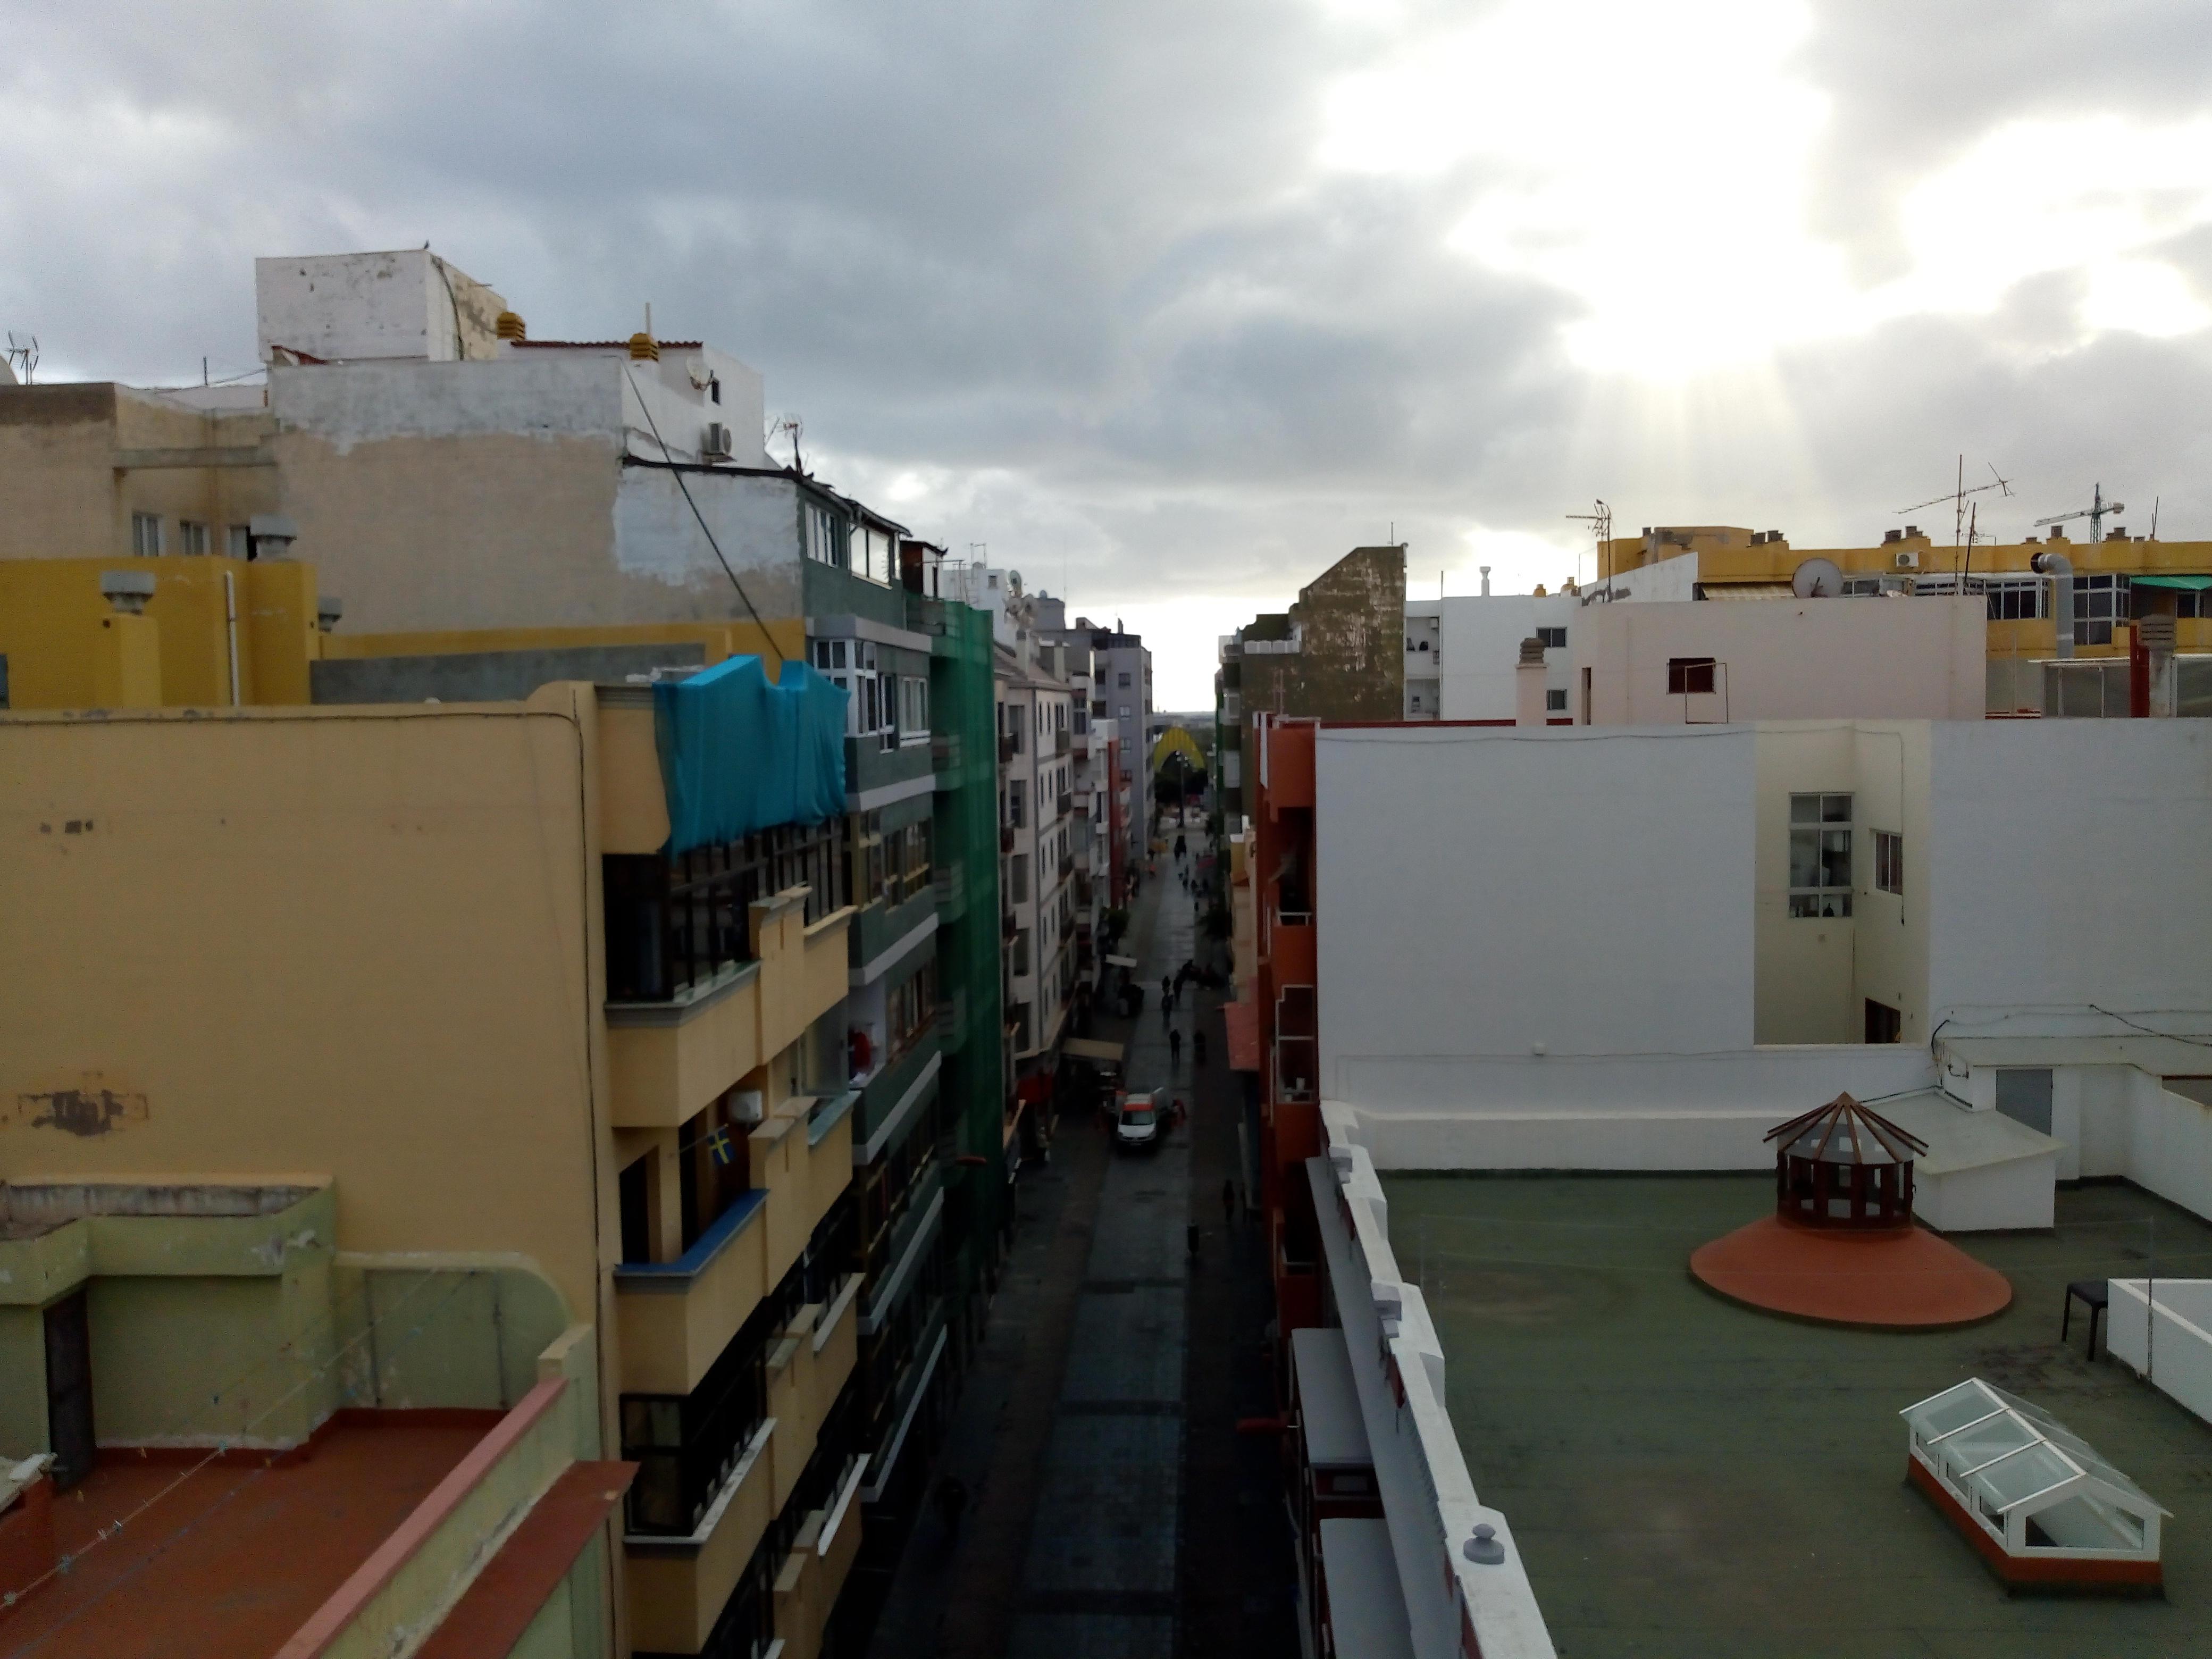 Urlaub in Las Palmas Gran Canaria. 1